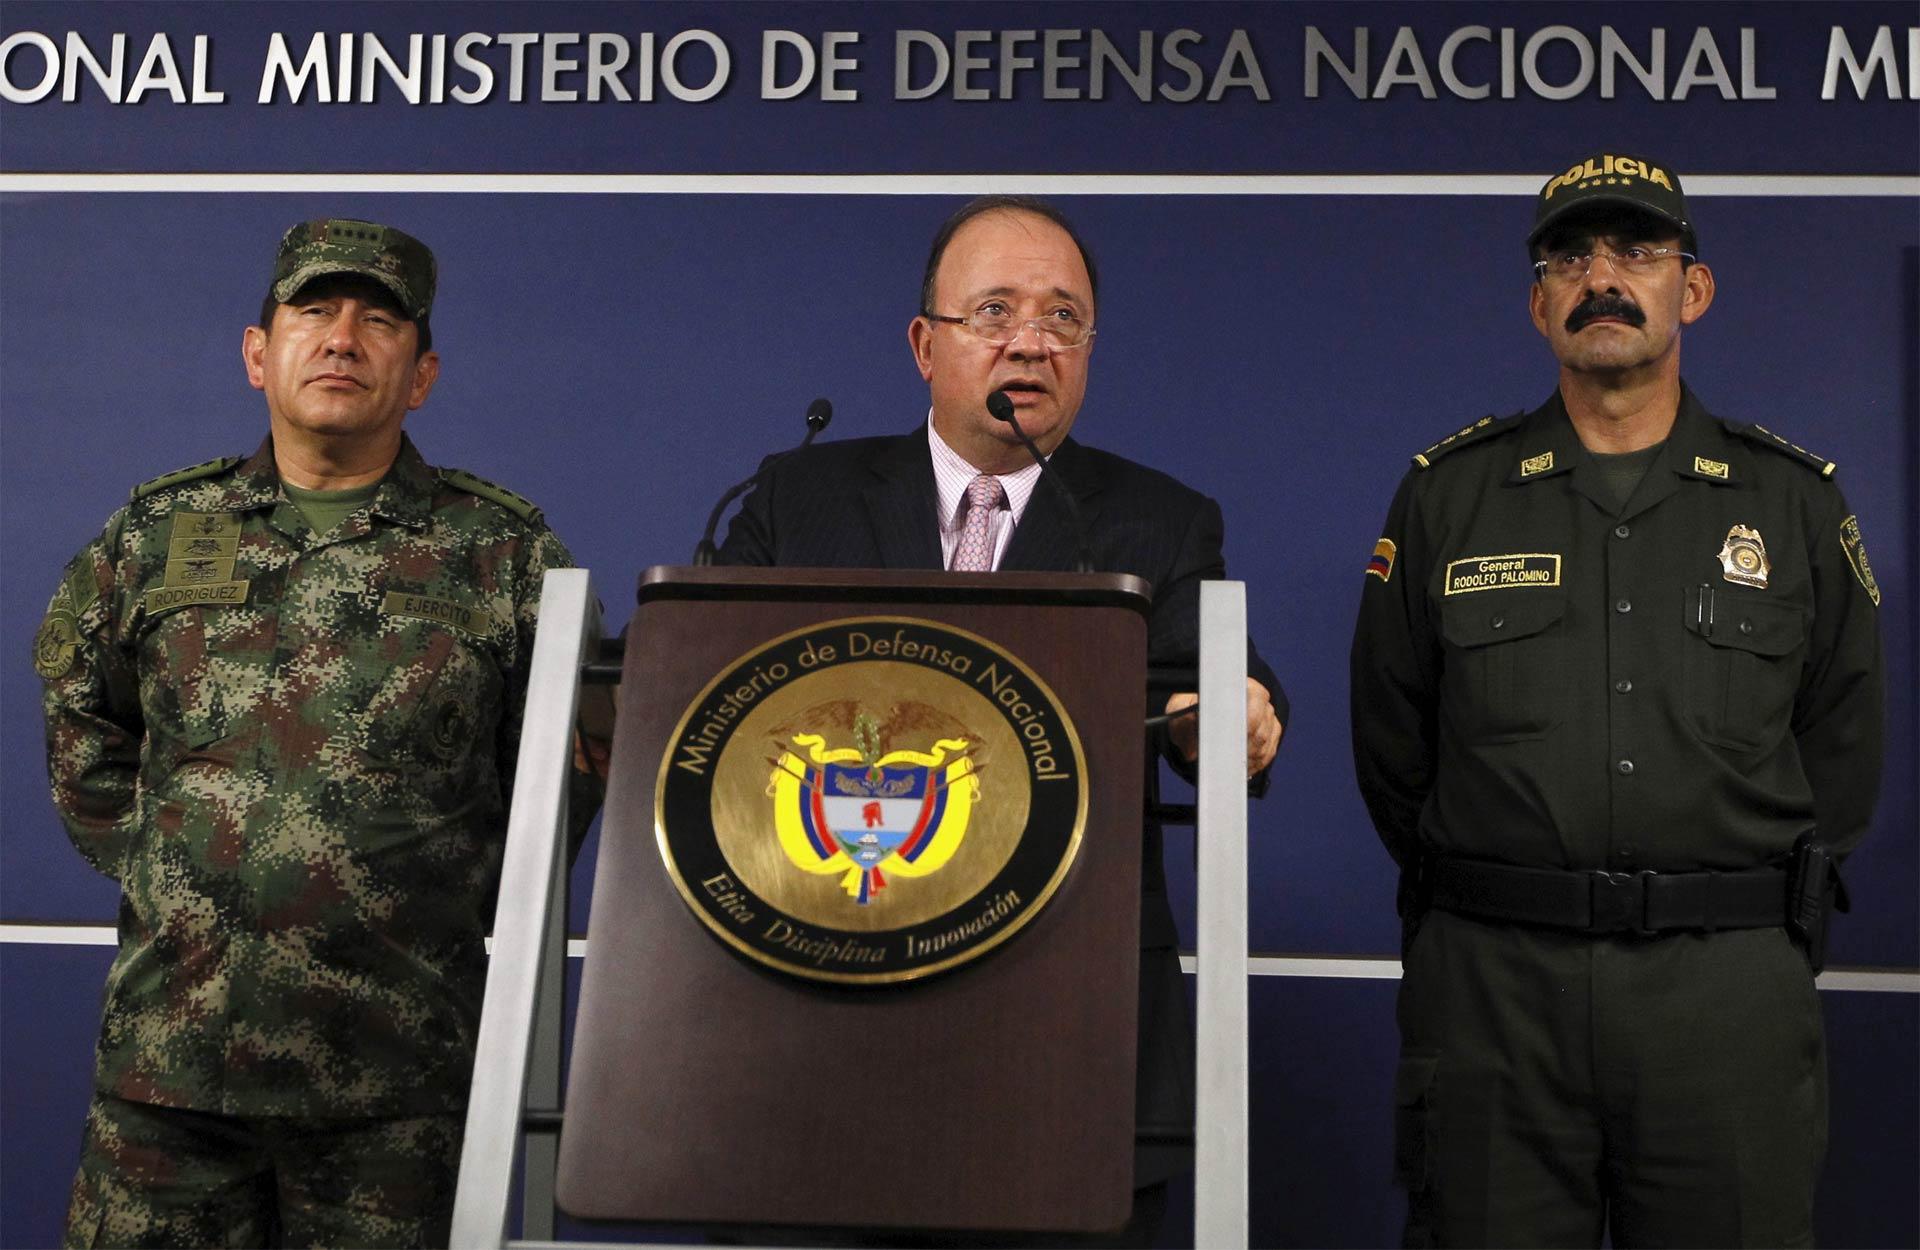 Tras el ataque considerado como el más grave cometido por el grupo desde 2013, el presidente ordenó revisar seguridad